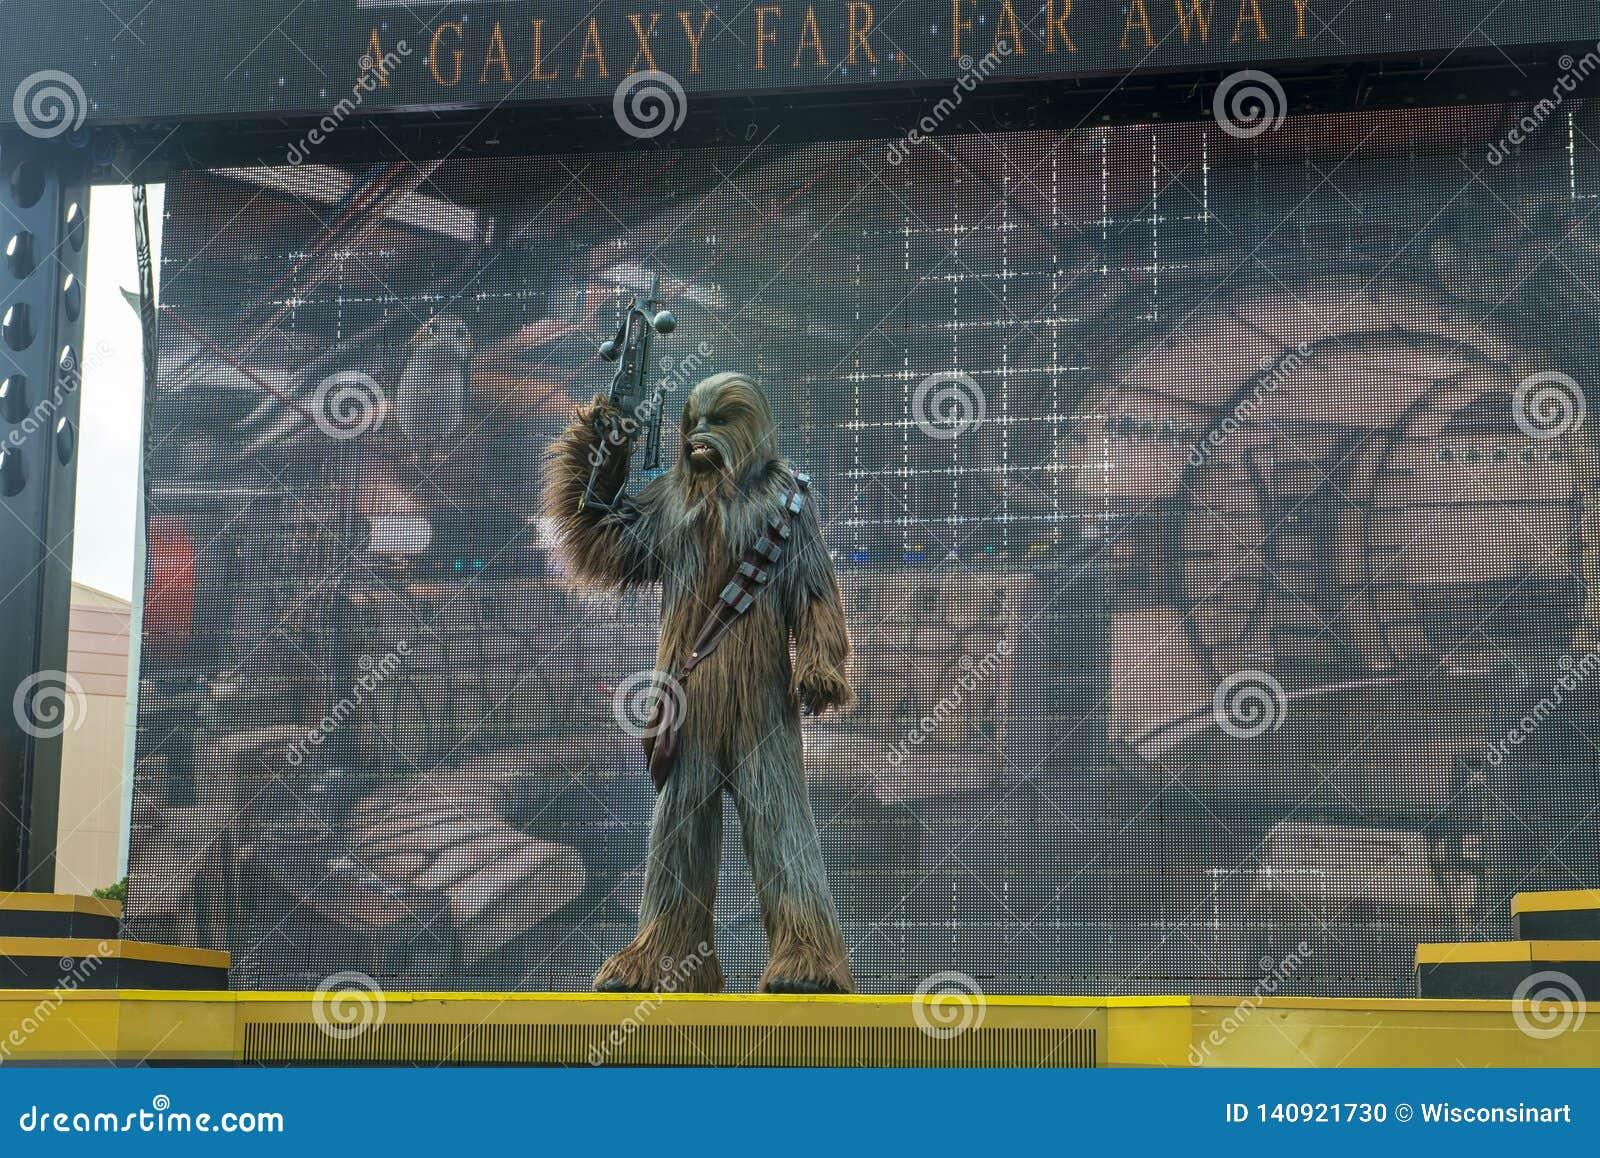 Chewbacca, Звездные войны, мир Дисней, перемещение